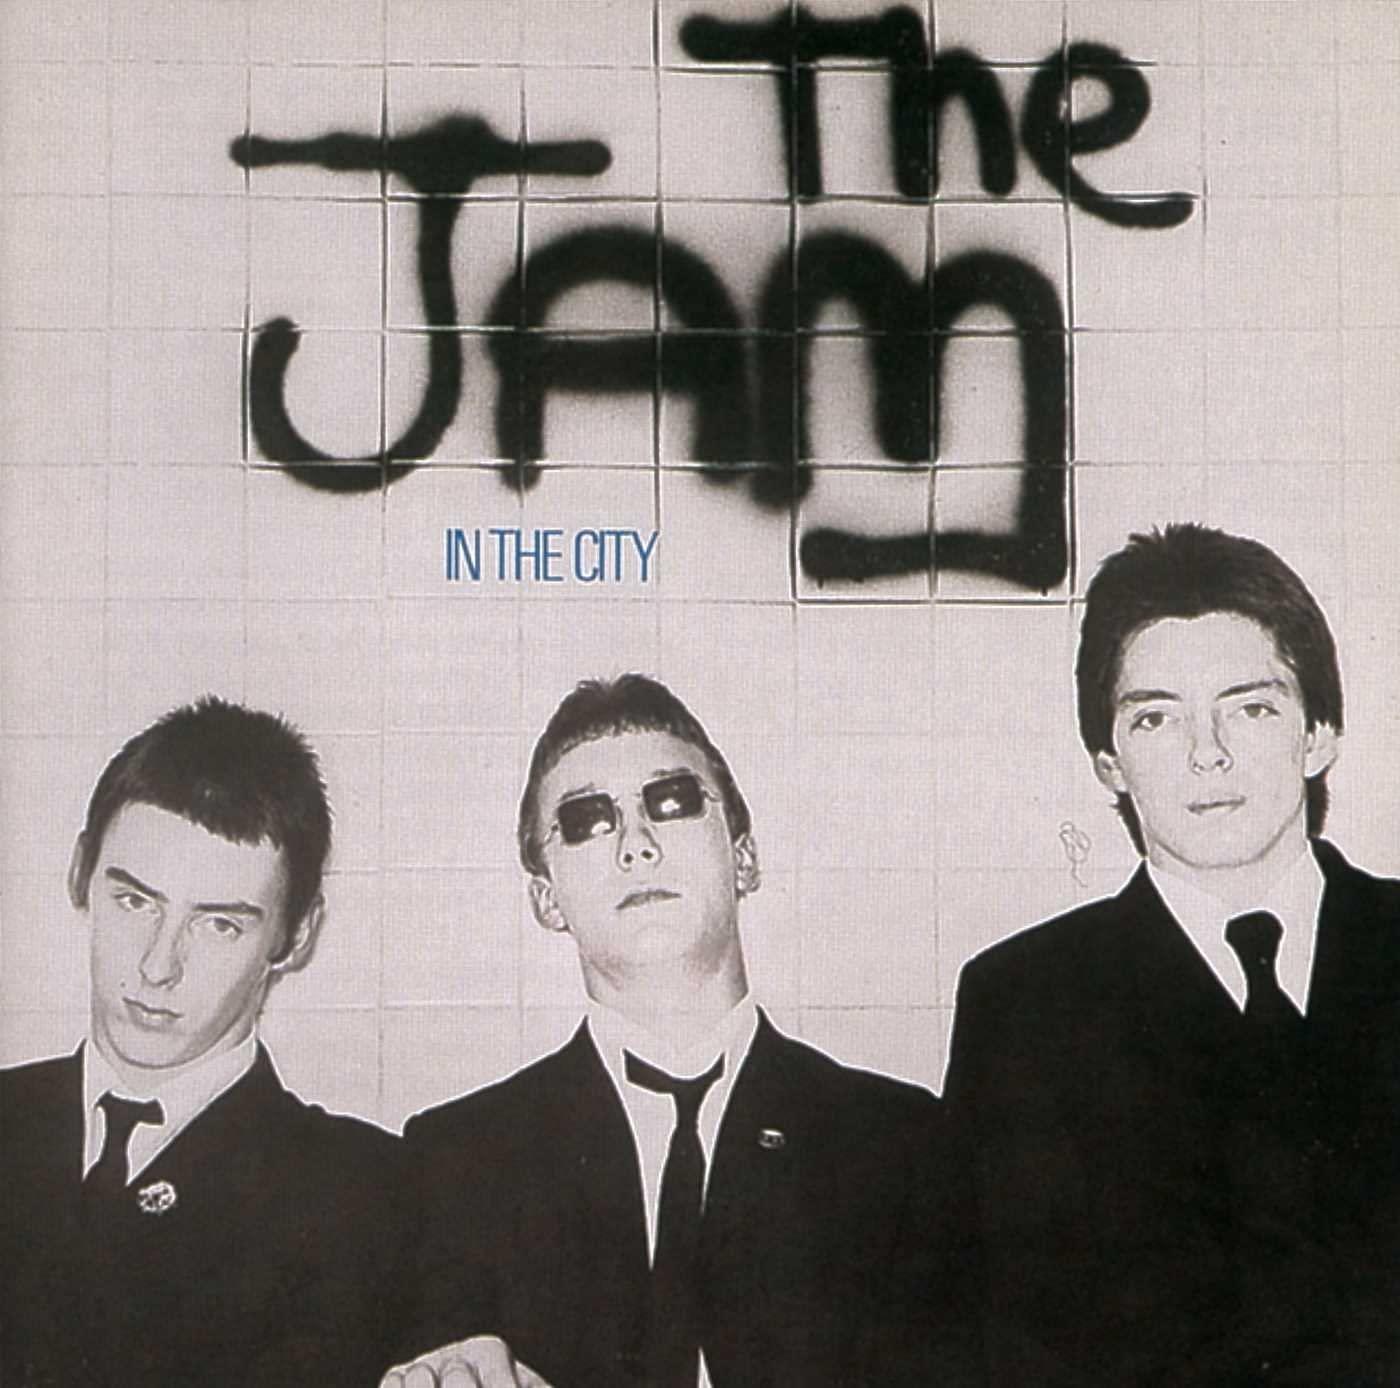 5/20はザ・ジャムの1stアルバム「In The City」がリリースされた日